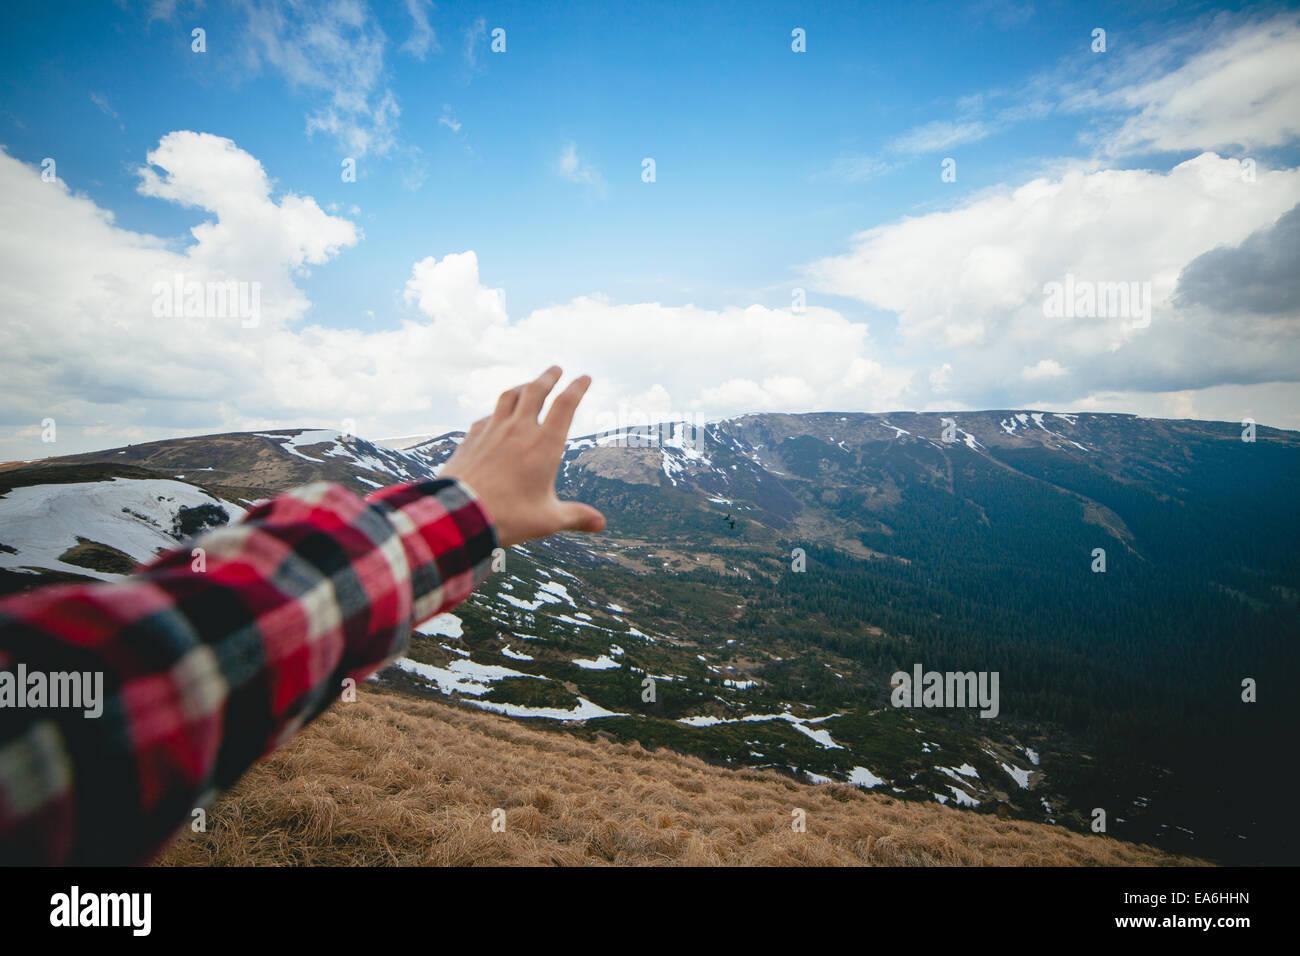 Malerische Landschaft mit der menschlichen Hand im Vordergrund Stockbild